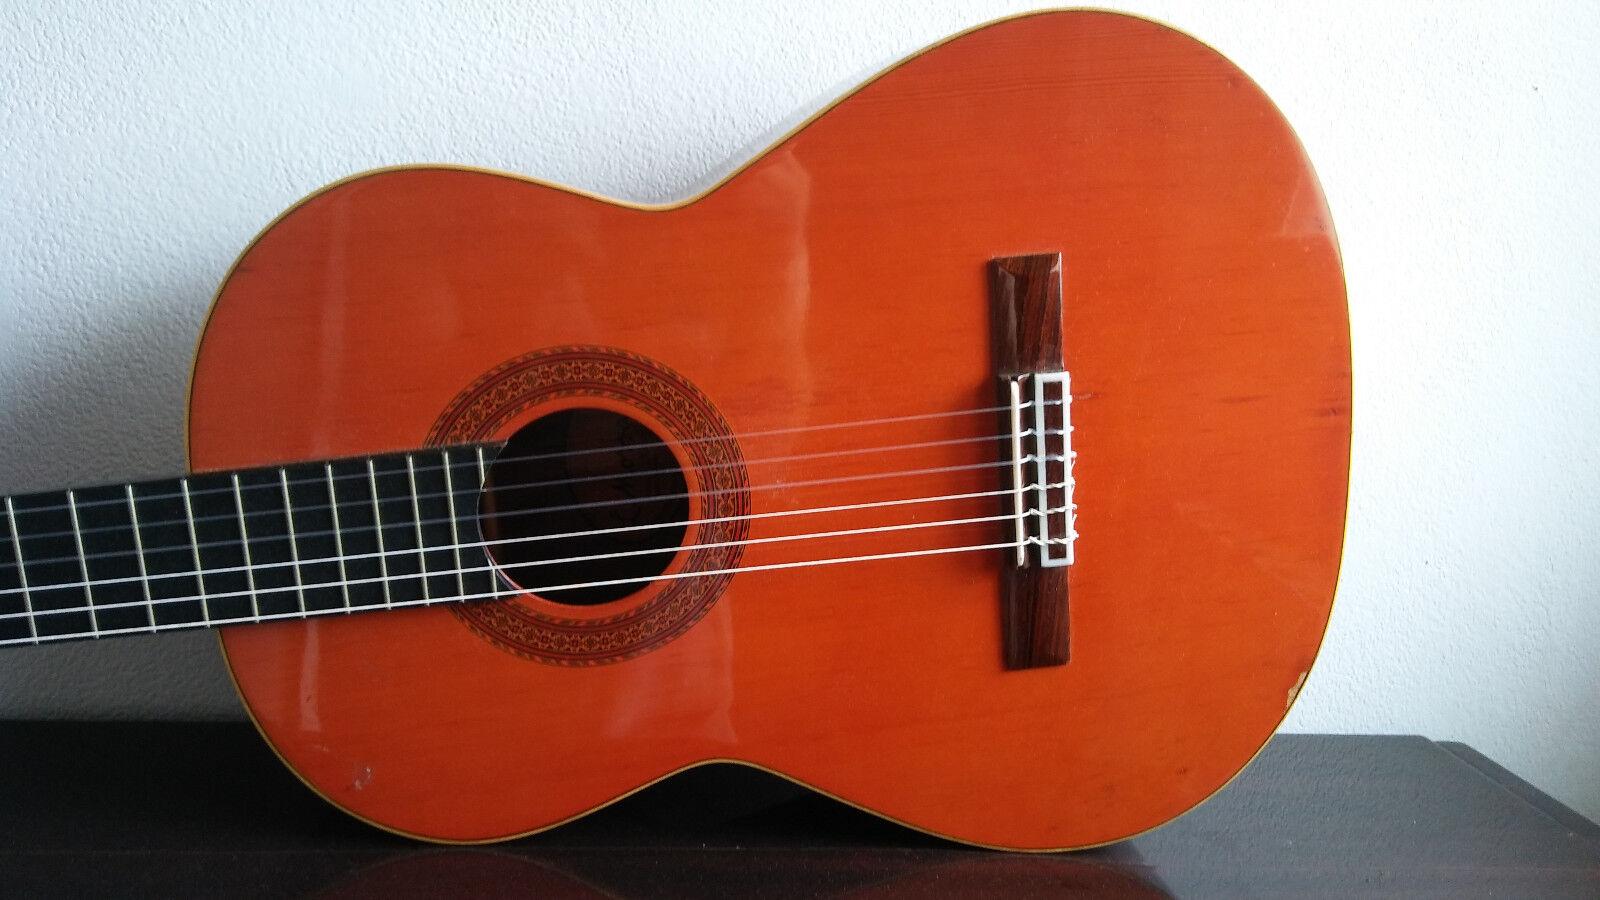 Gitarra MOZZANI Gitarre Gitarre Gitarre